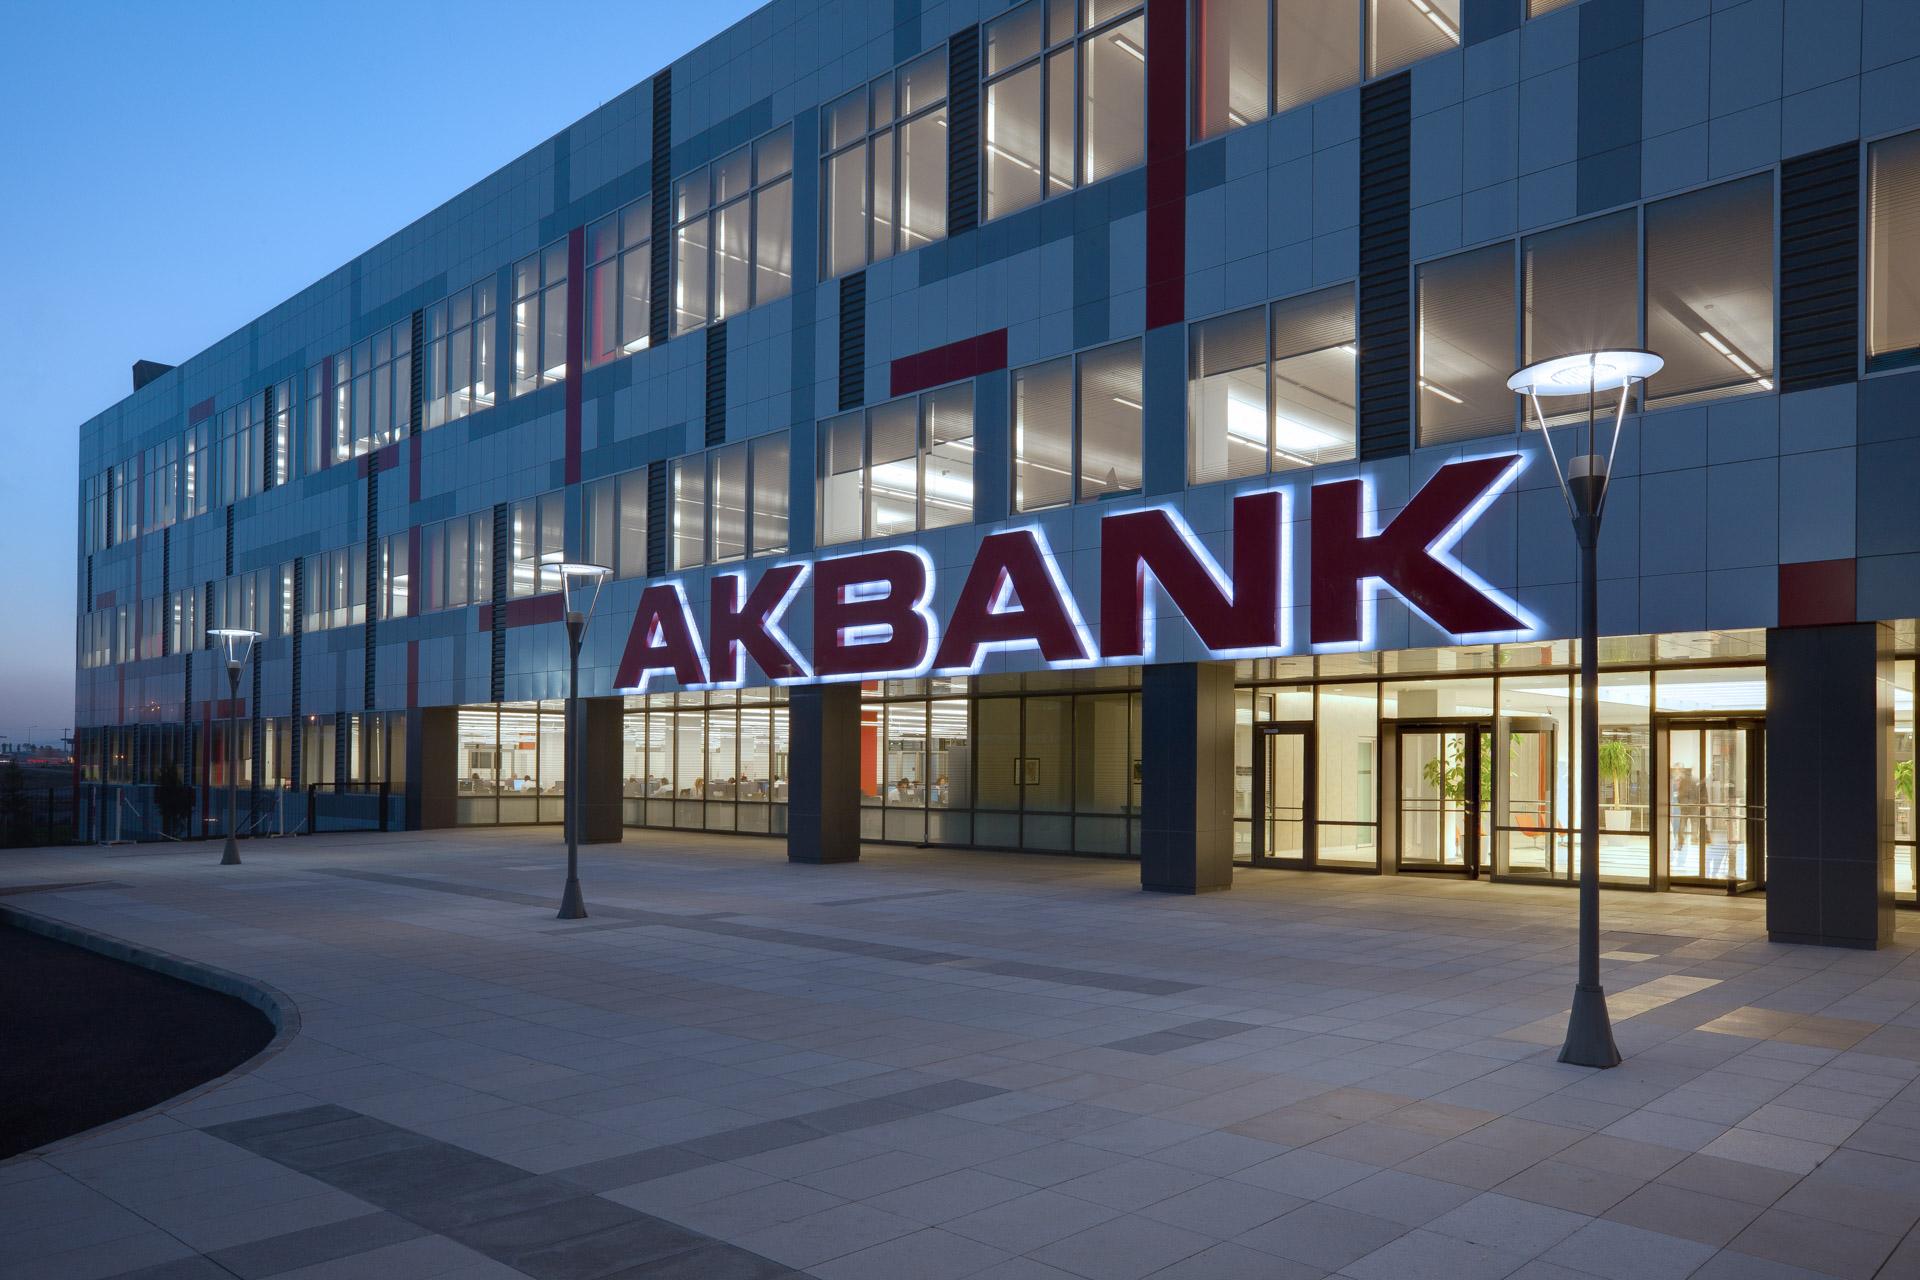 akbank-01-001.jpg